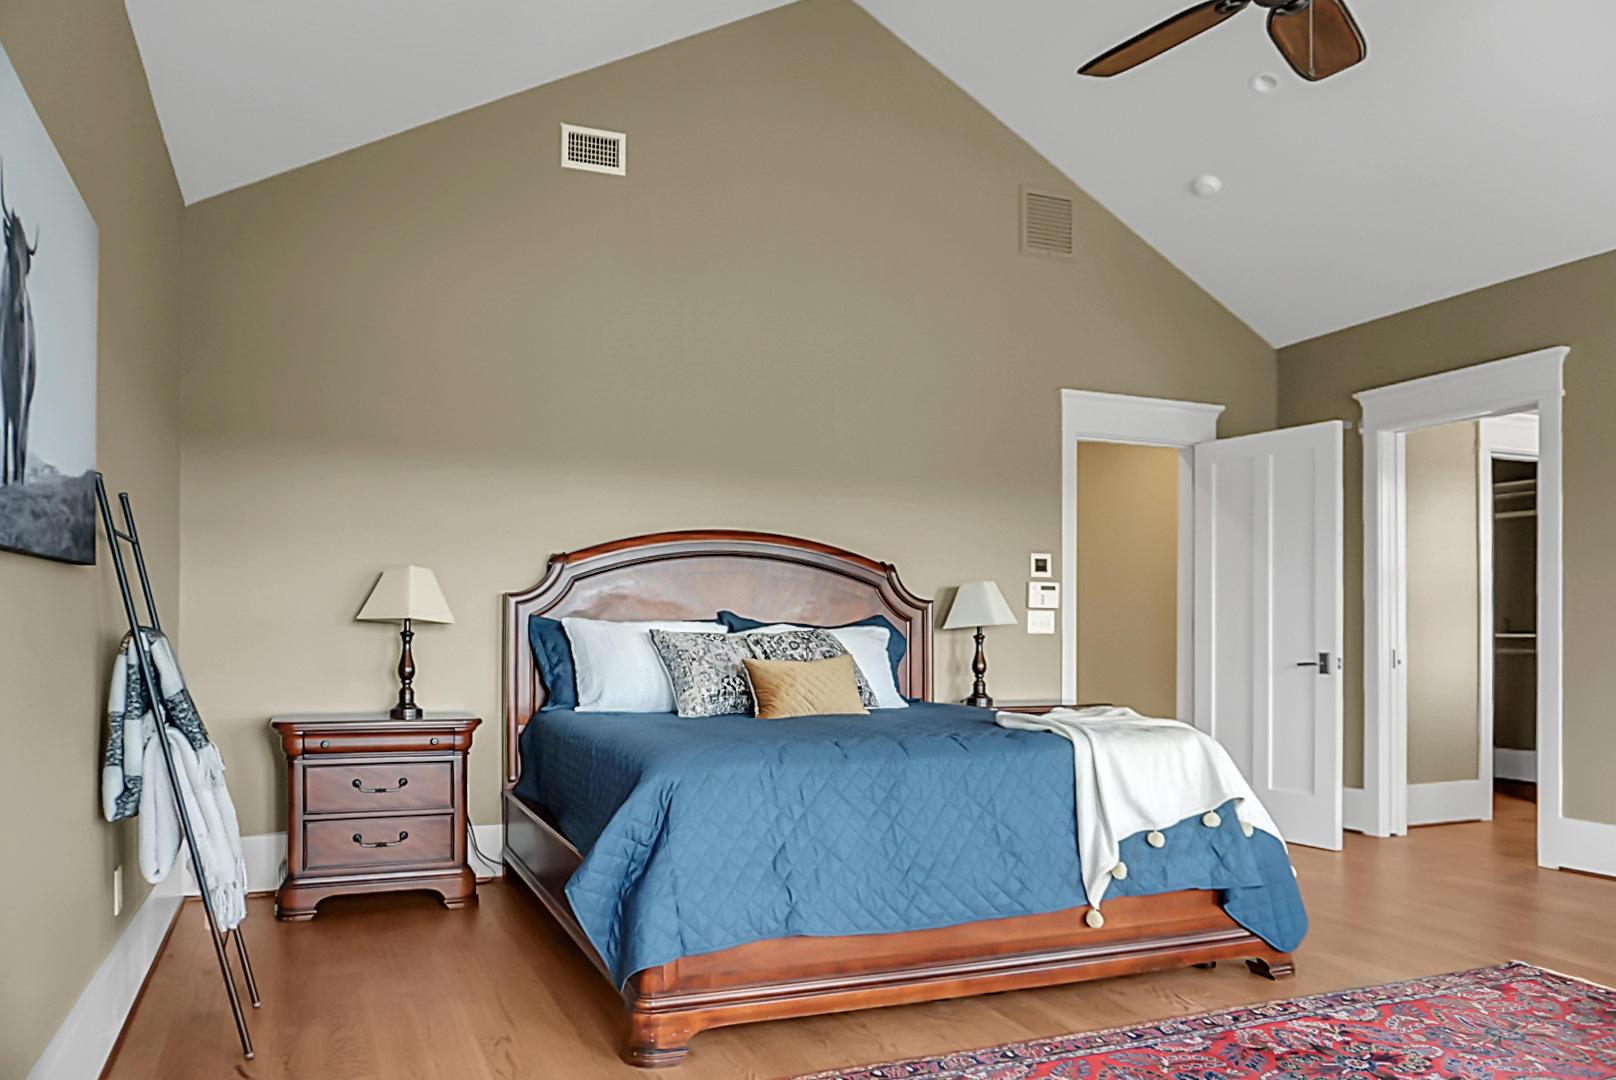 Dunes West Homes For Sale - 2978 River Vista, Mount Pleasant, SC - 31